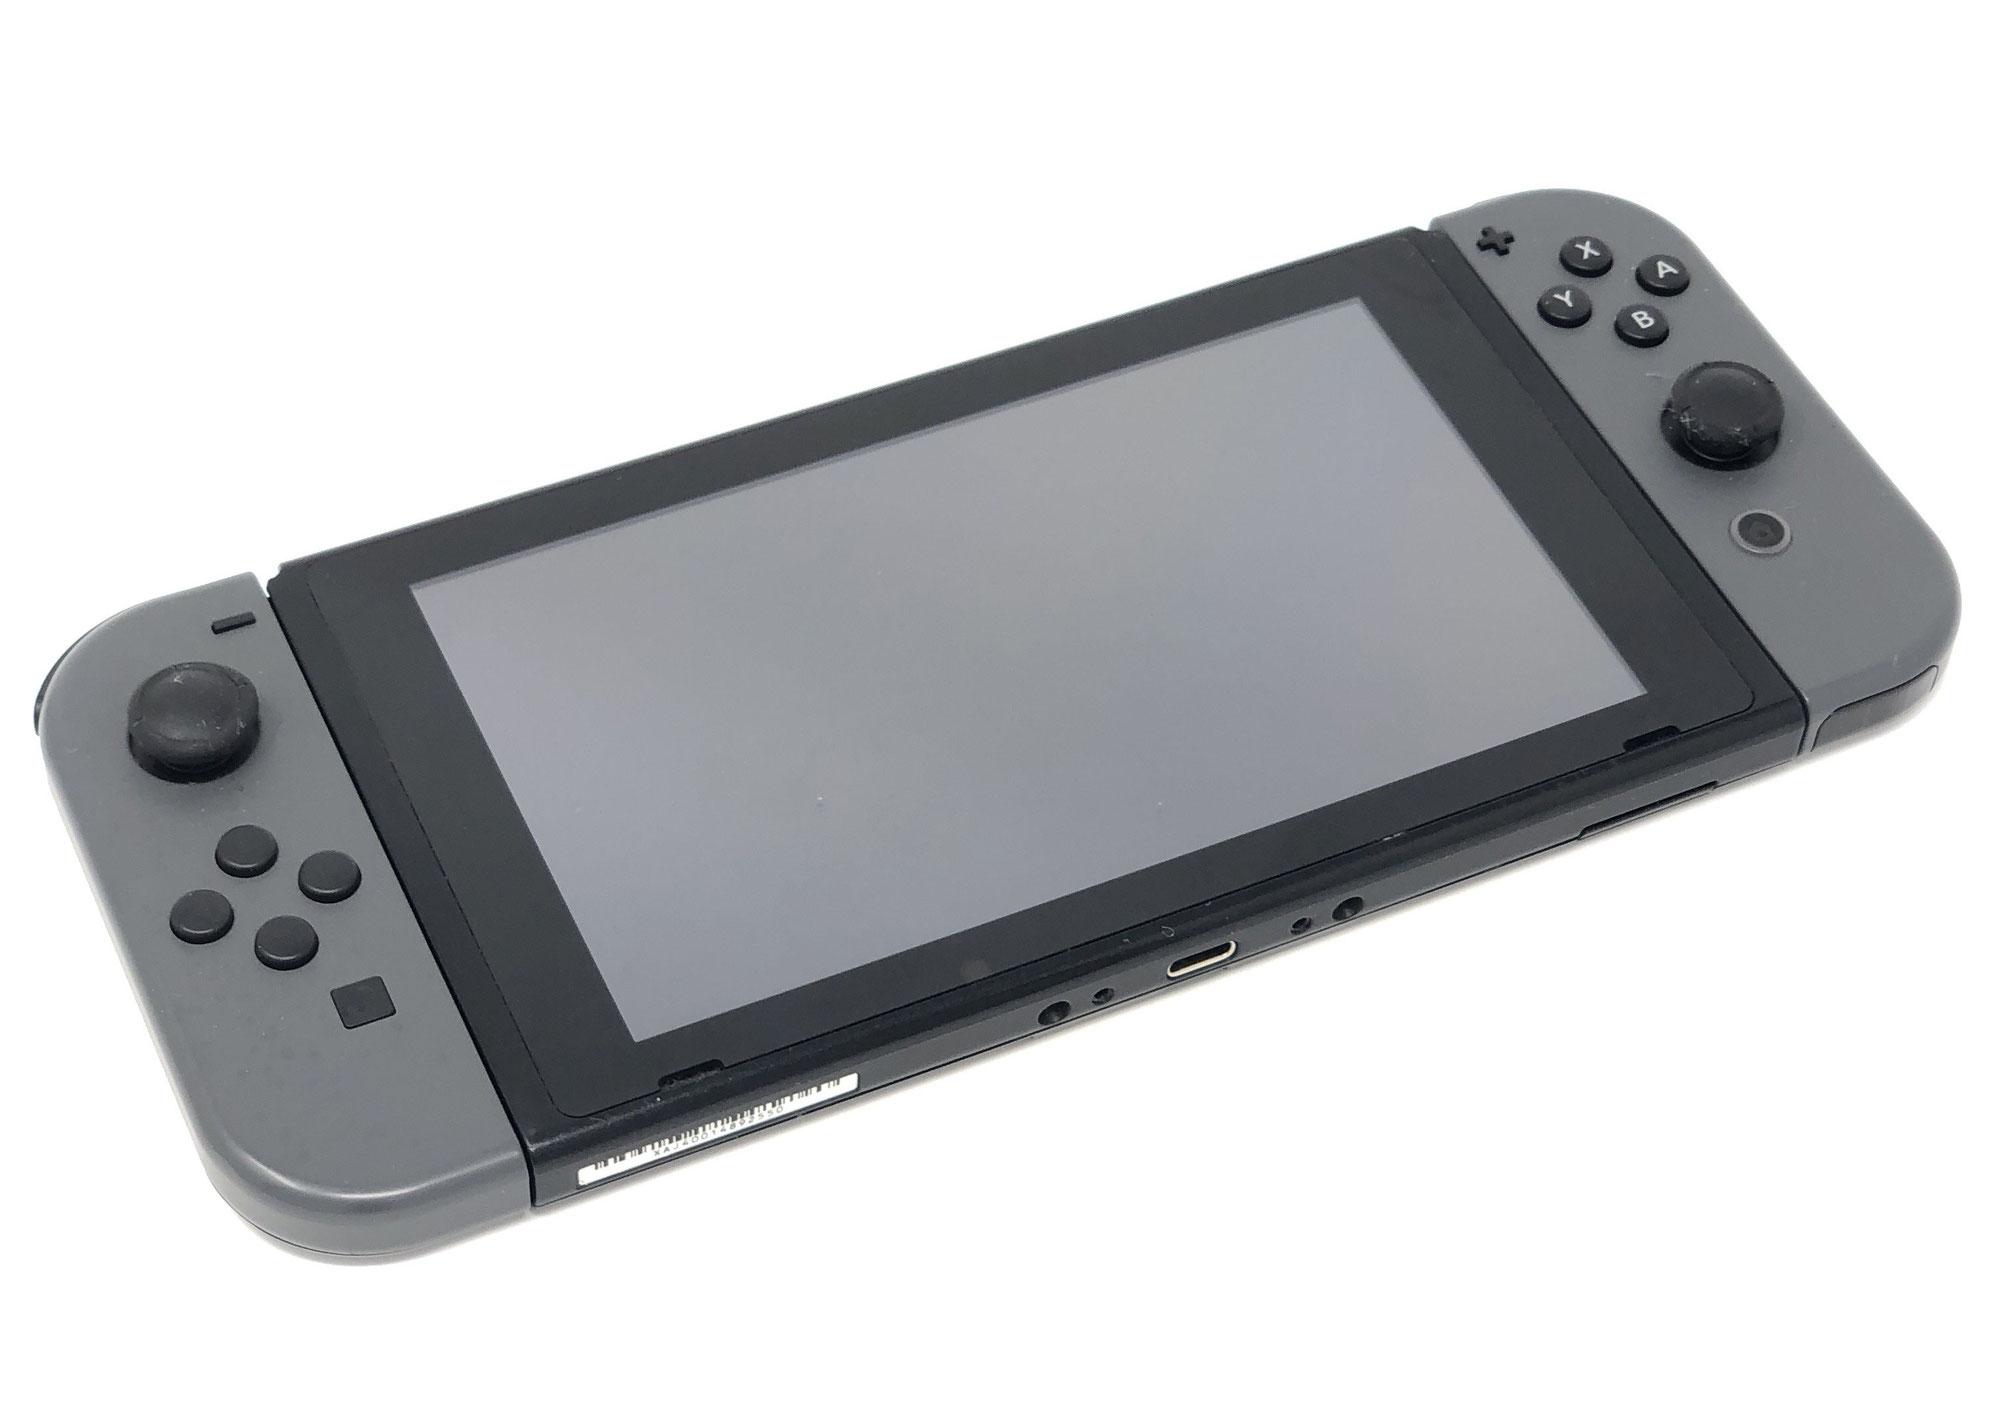 Hilfe meine Nintendo Switch-Konsole geht nicht an!